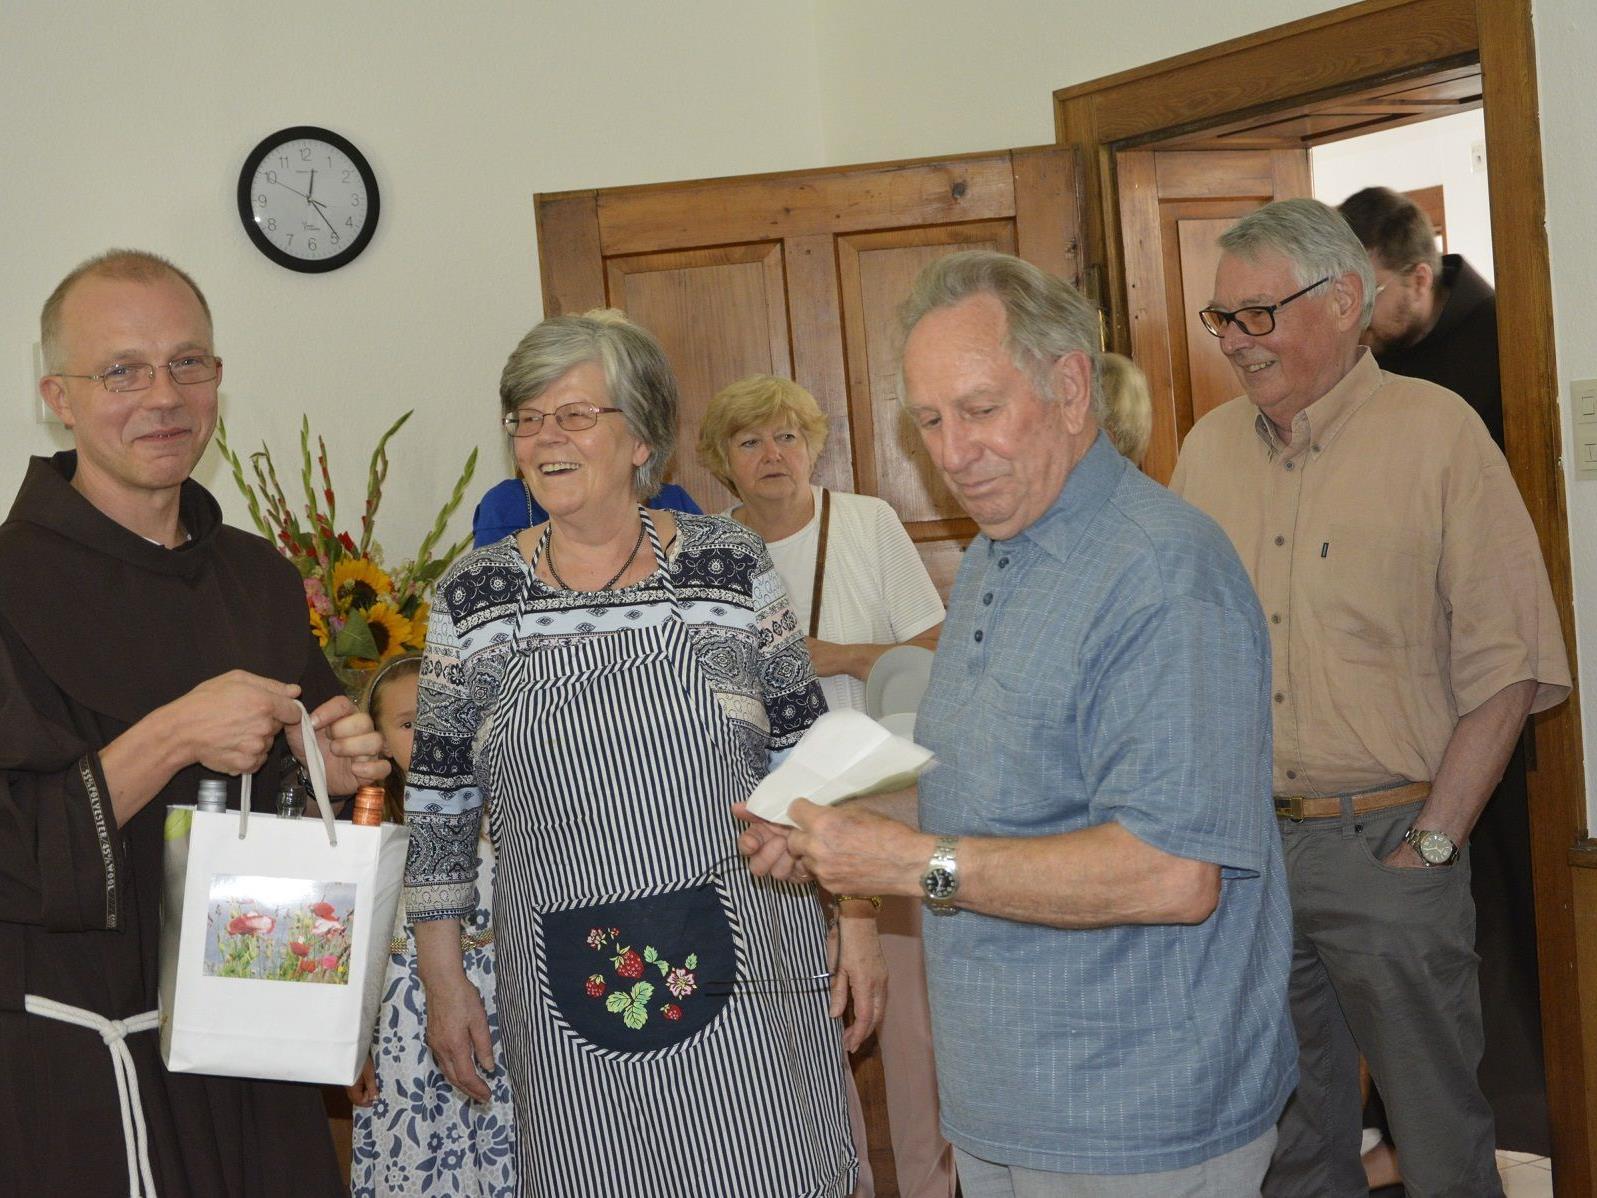 Sichtlich gerührt war Pater Guido über die vielen Gesten der Freundschaft bei der Abschiedsfeier.